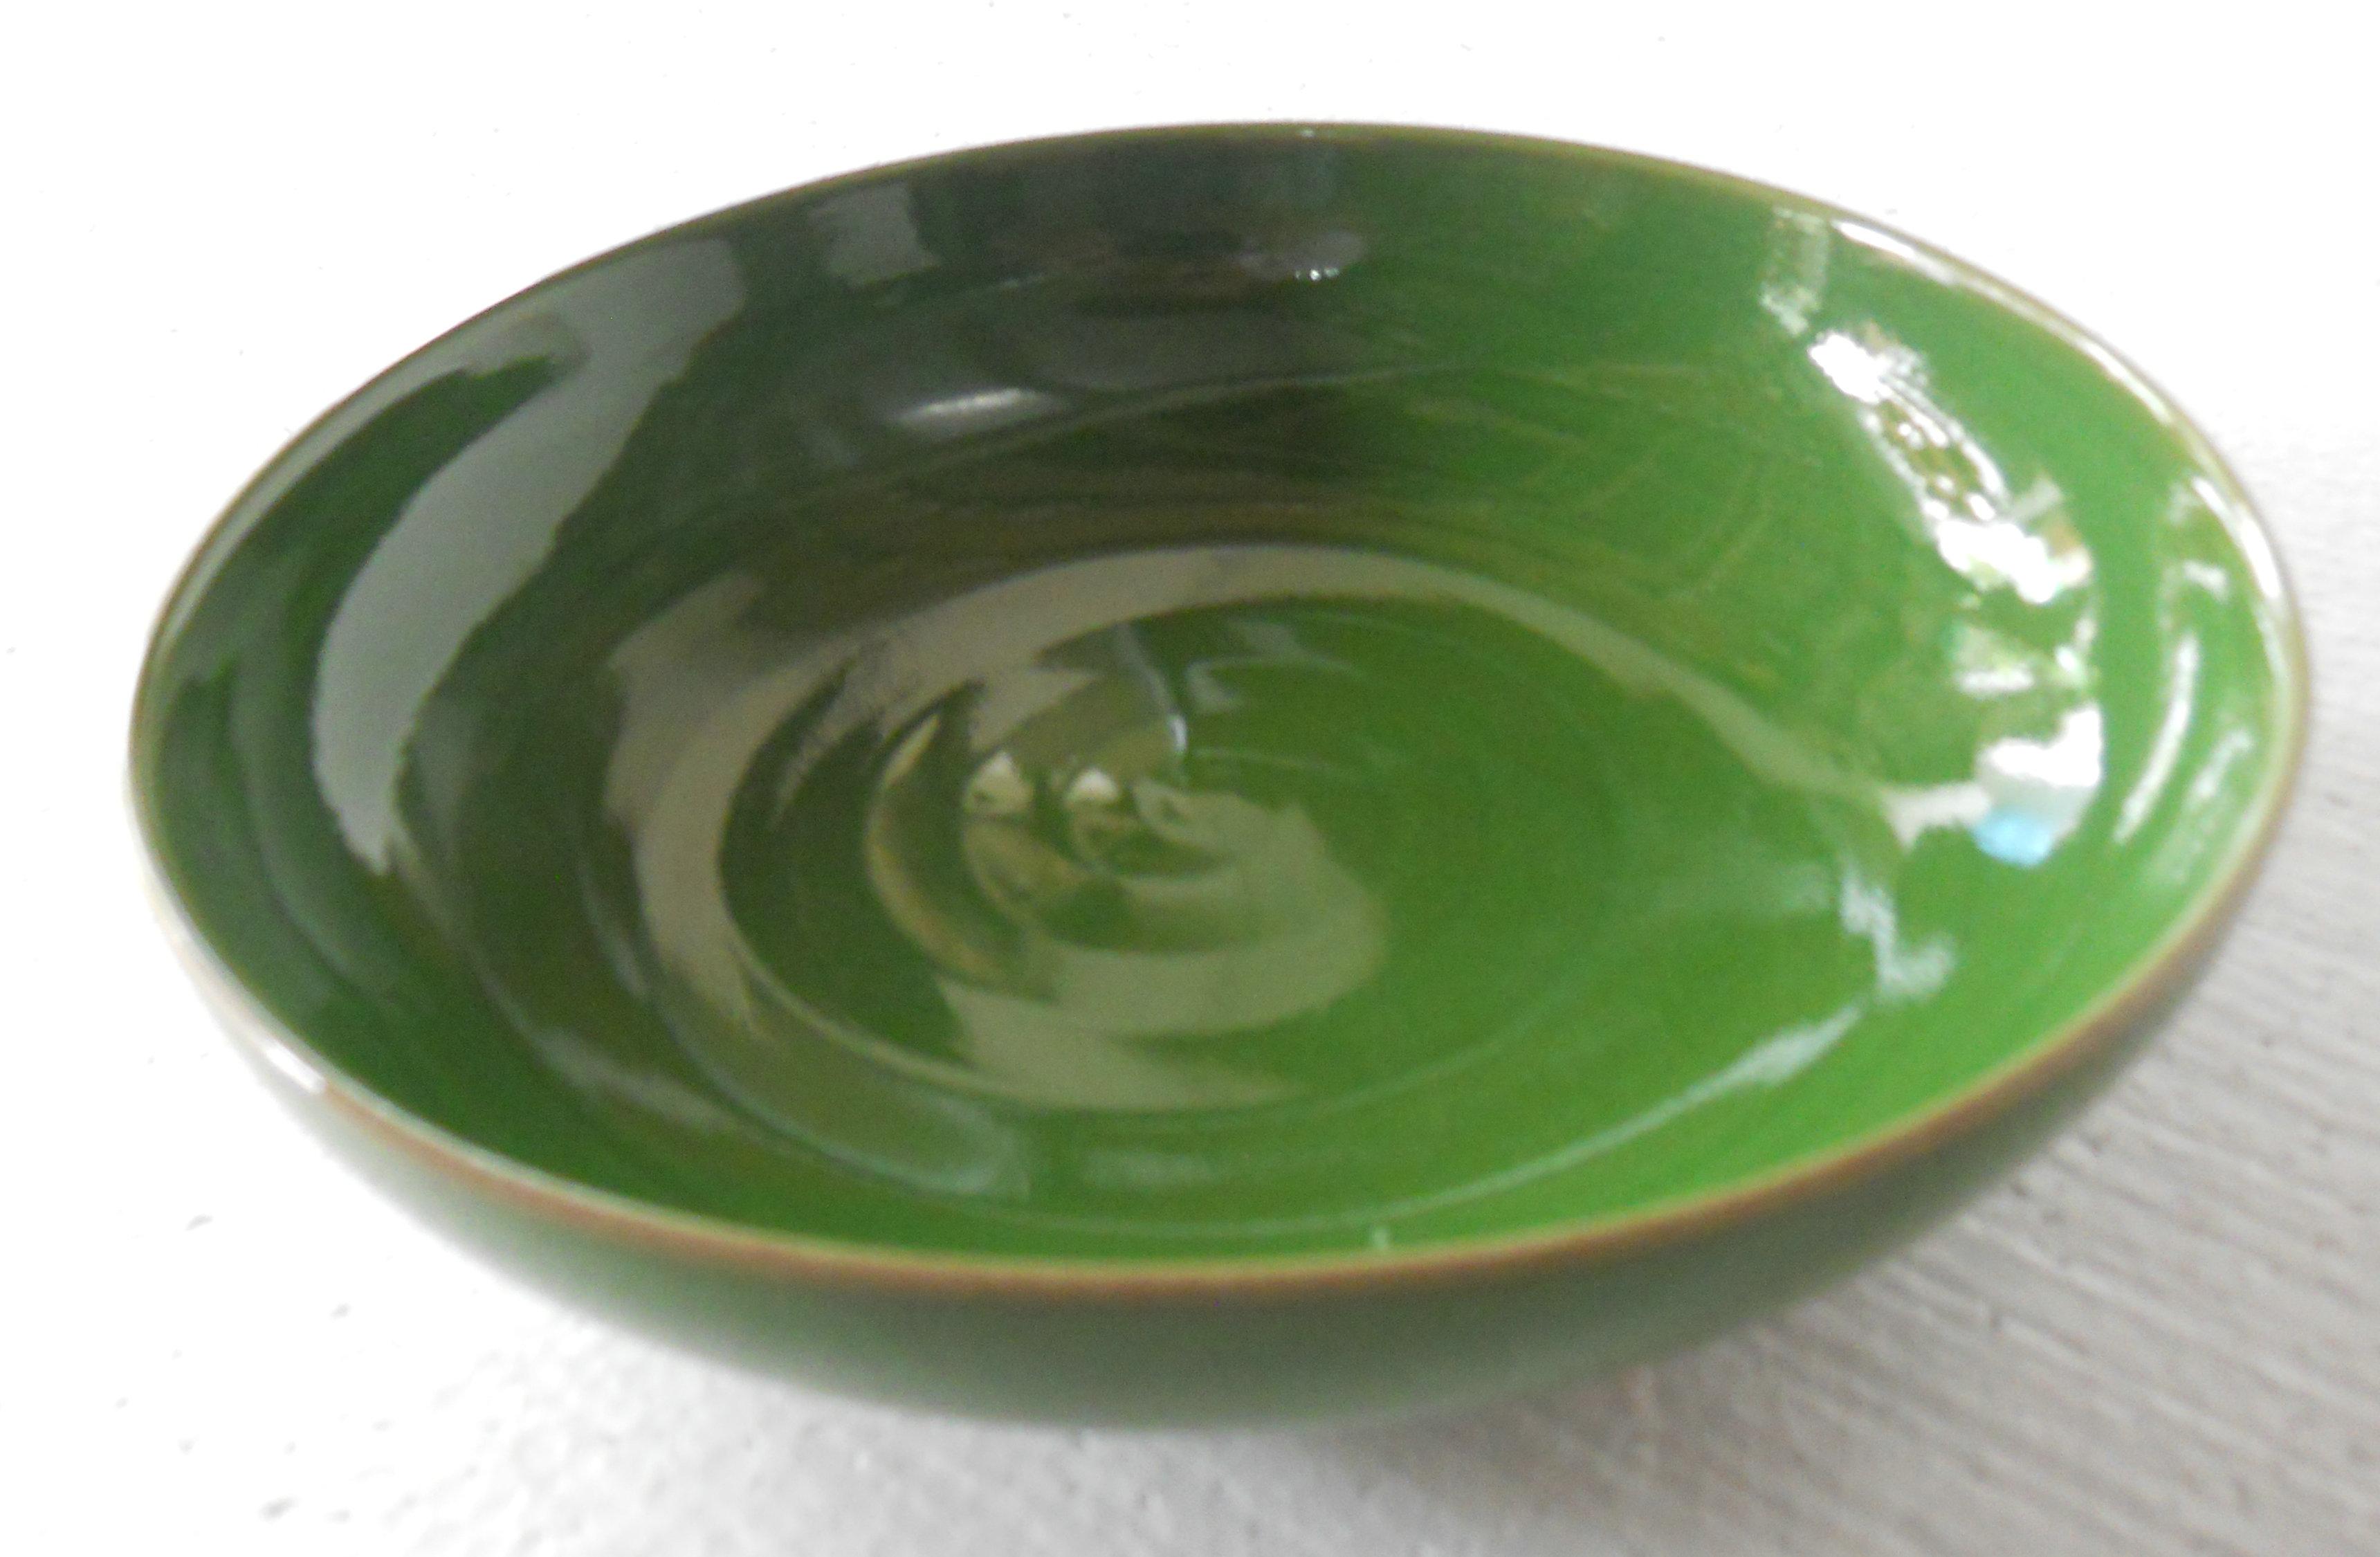 Rygz10 Green Glazed Porcelain Dinner Plate Jingdezhen